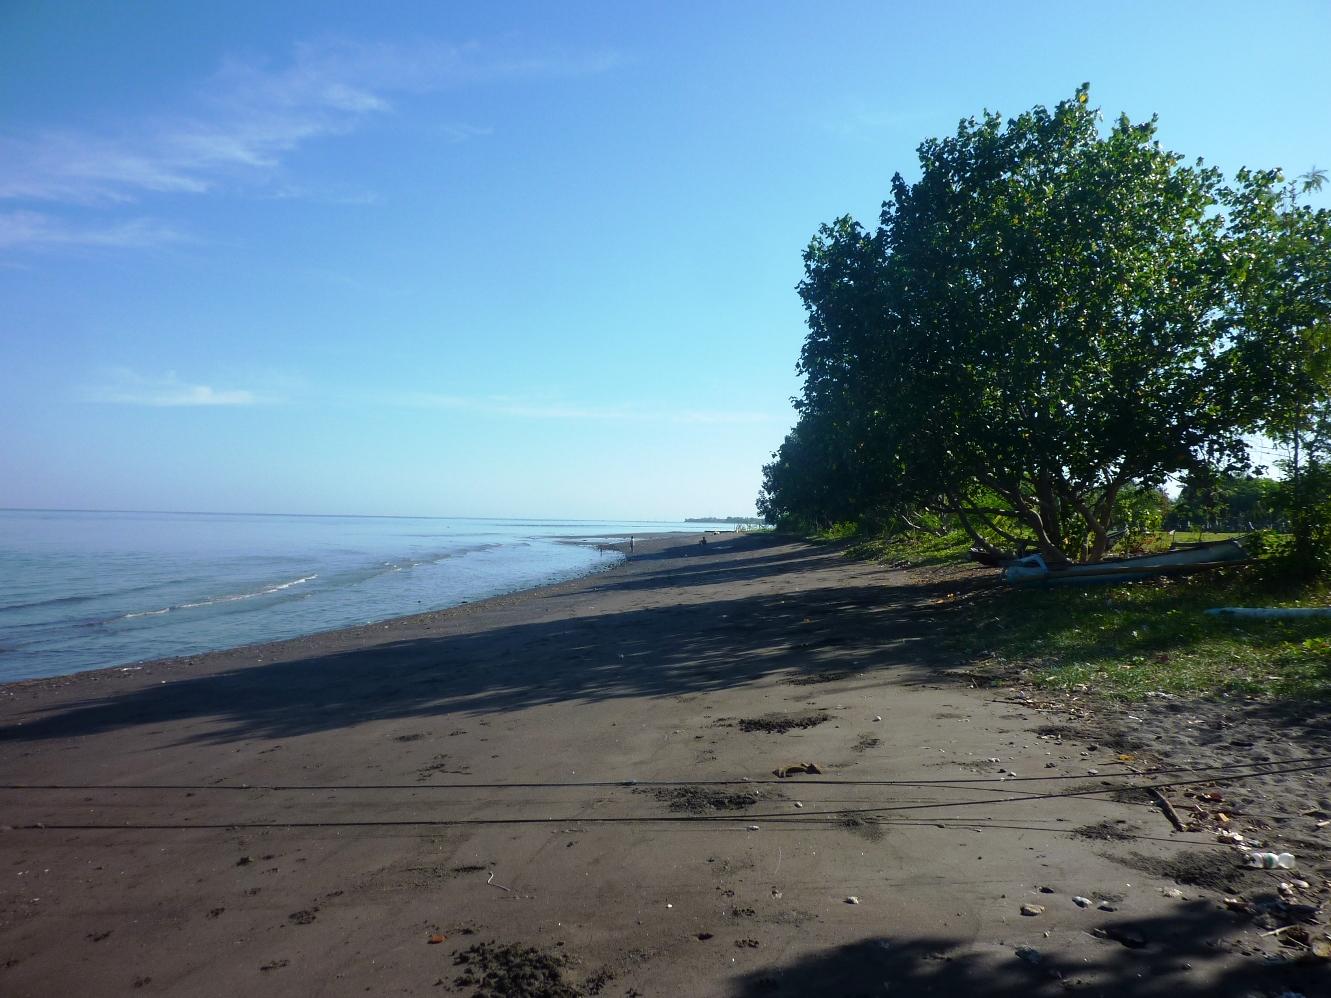 Der Strand direkt östlich vom Fischerdorf, 5 - 8 Minuten Fussweg von der Anlage.